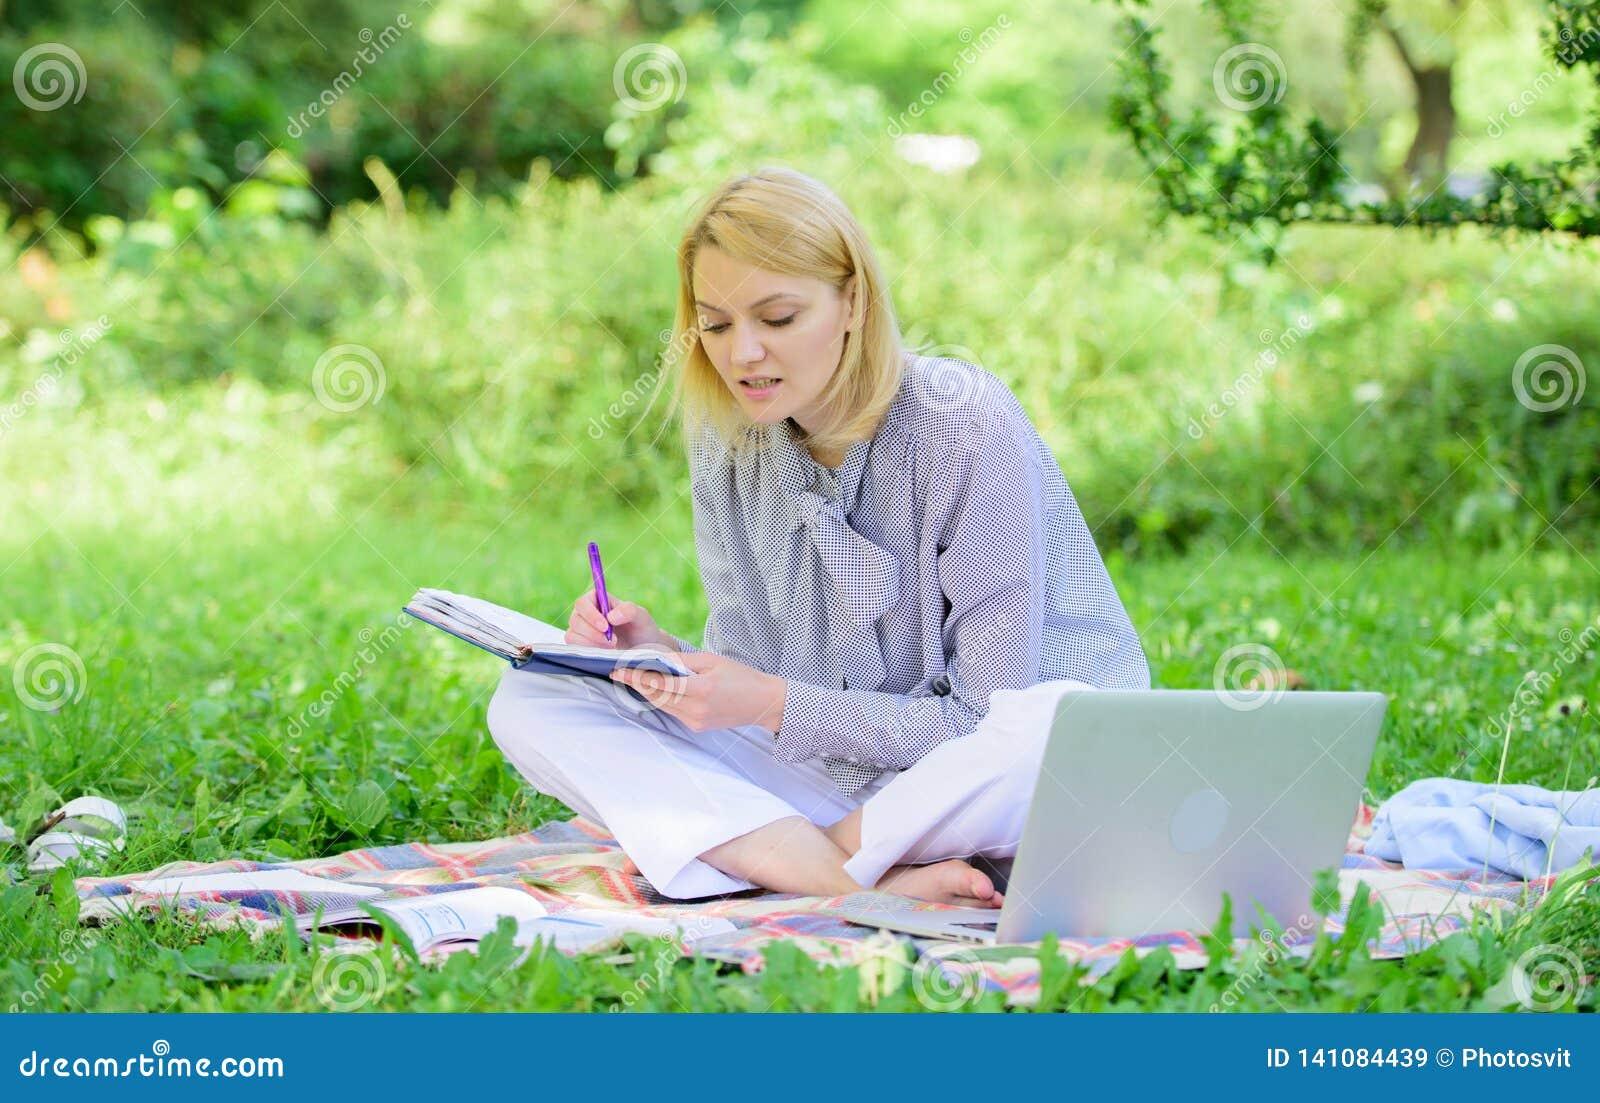 开始自由职业者的事业的指南 户外企业夫人自由职业者的工作 成为的成功的自由职业者 膝上型计算机妇女